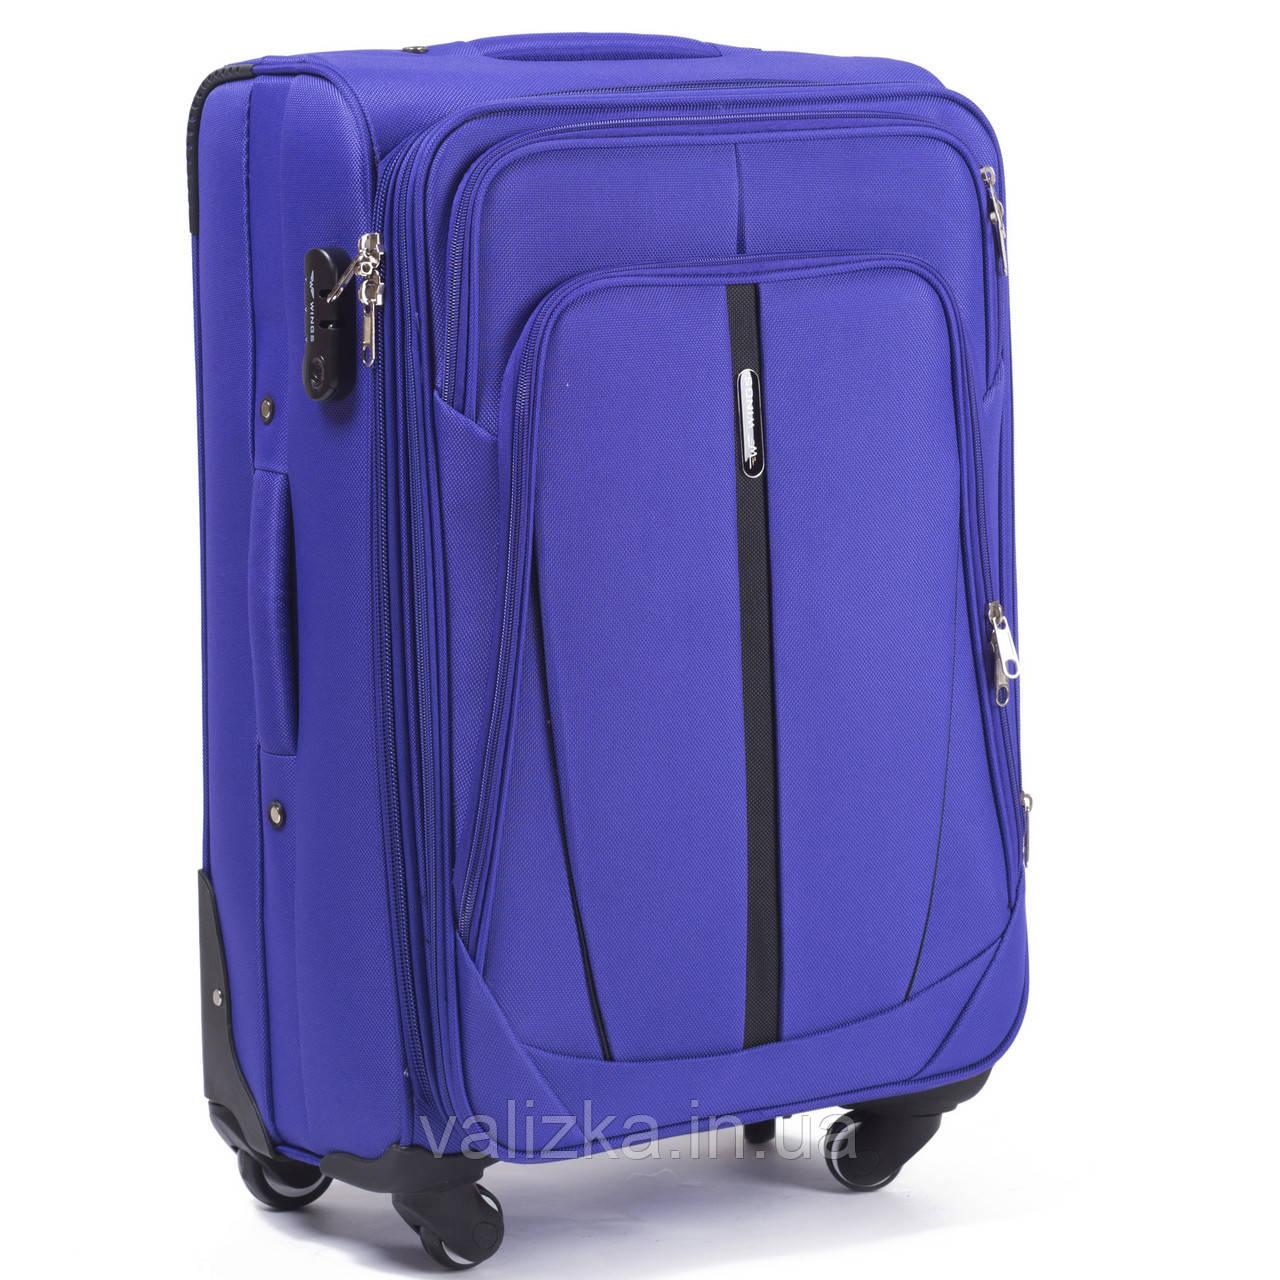 Средний текстильный чемодан на 4-х колесах Wings-1706 фиолетового цвета.